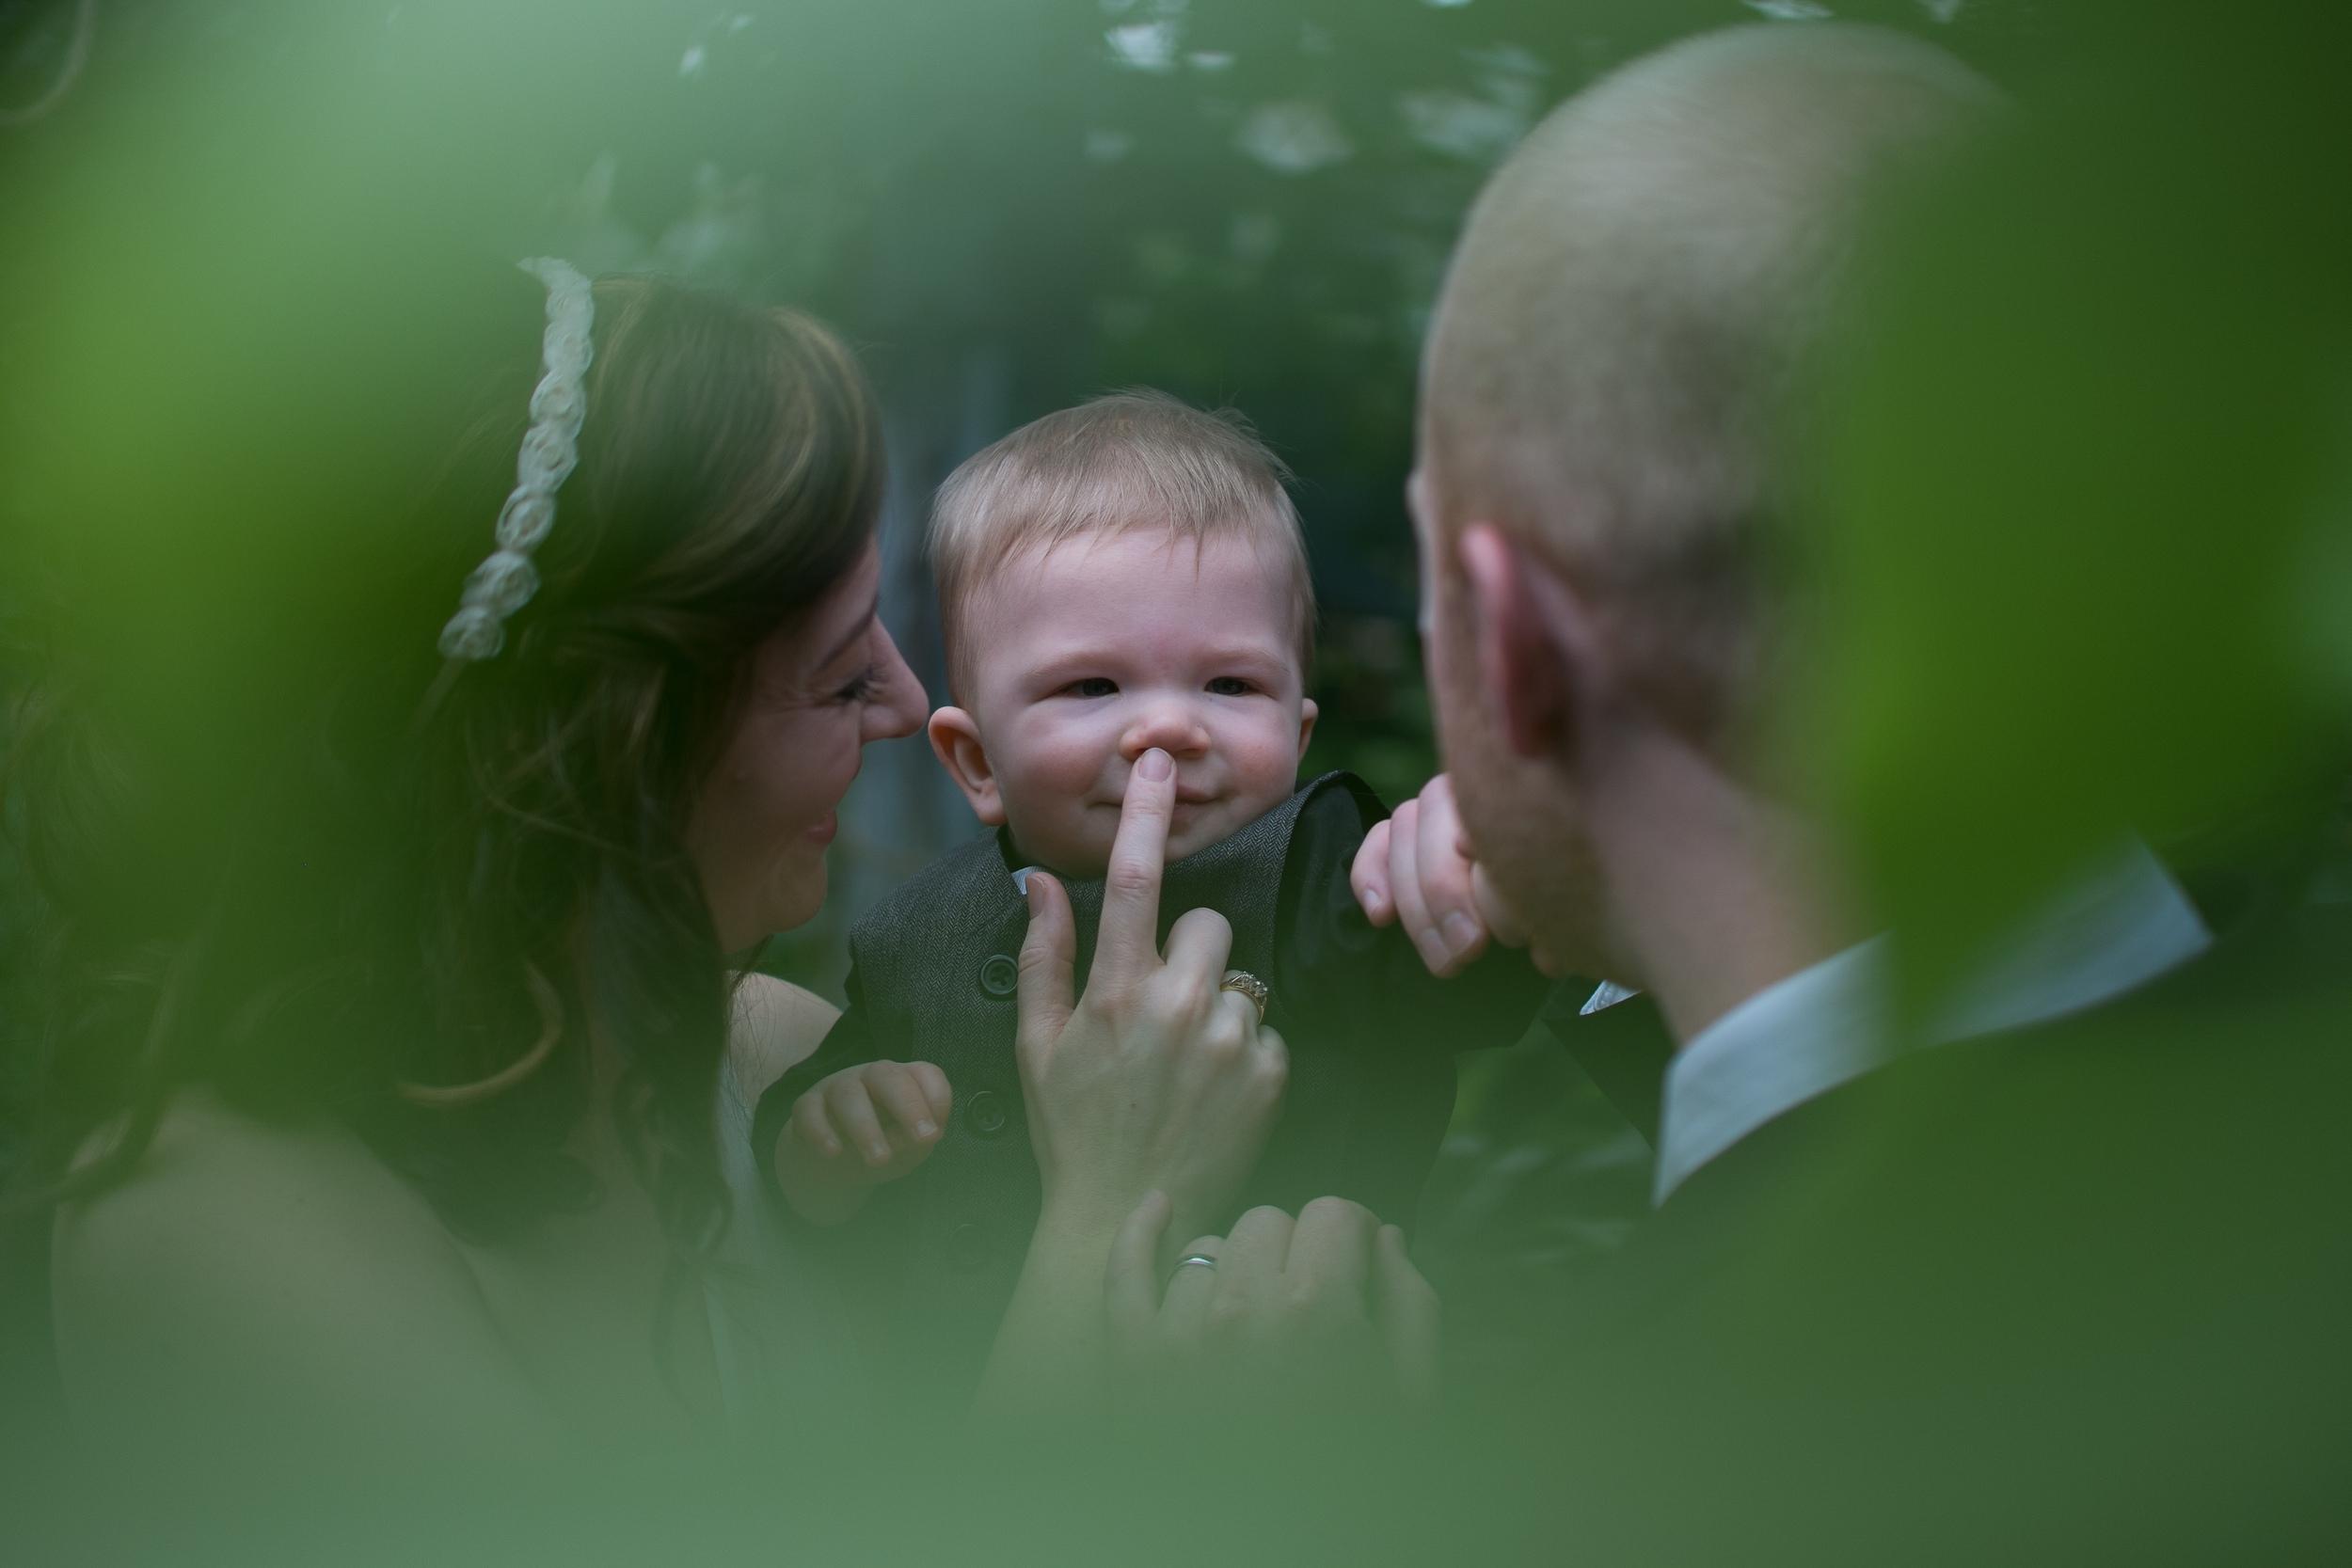 fuji-xpro-1-wedding-004.jpg